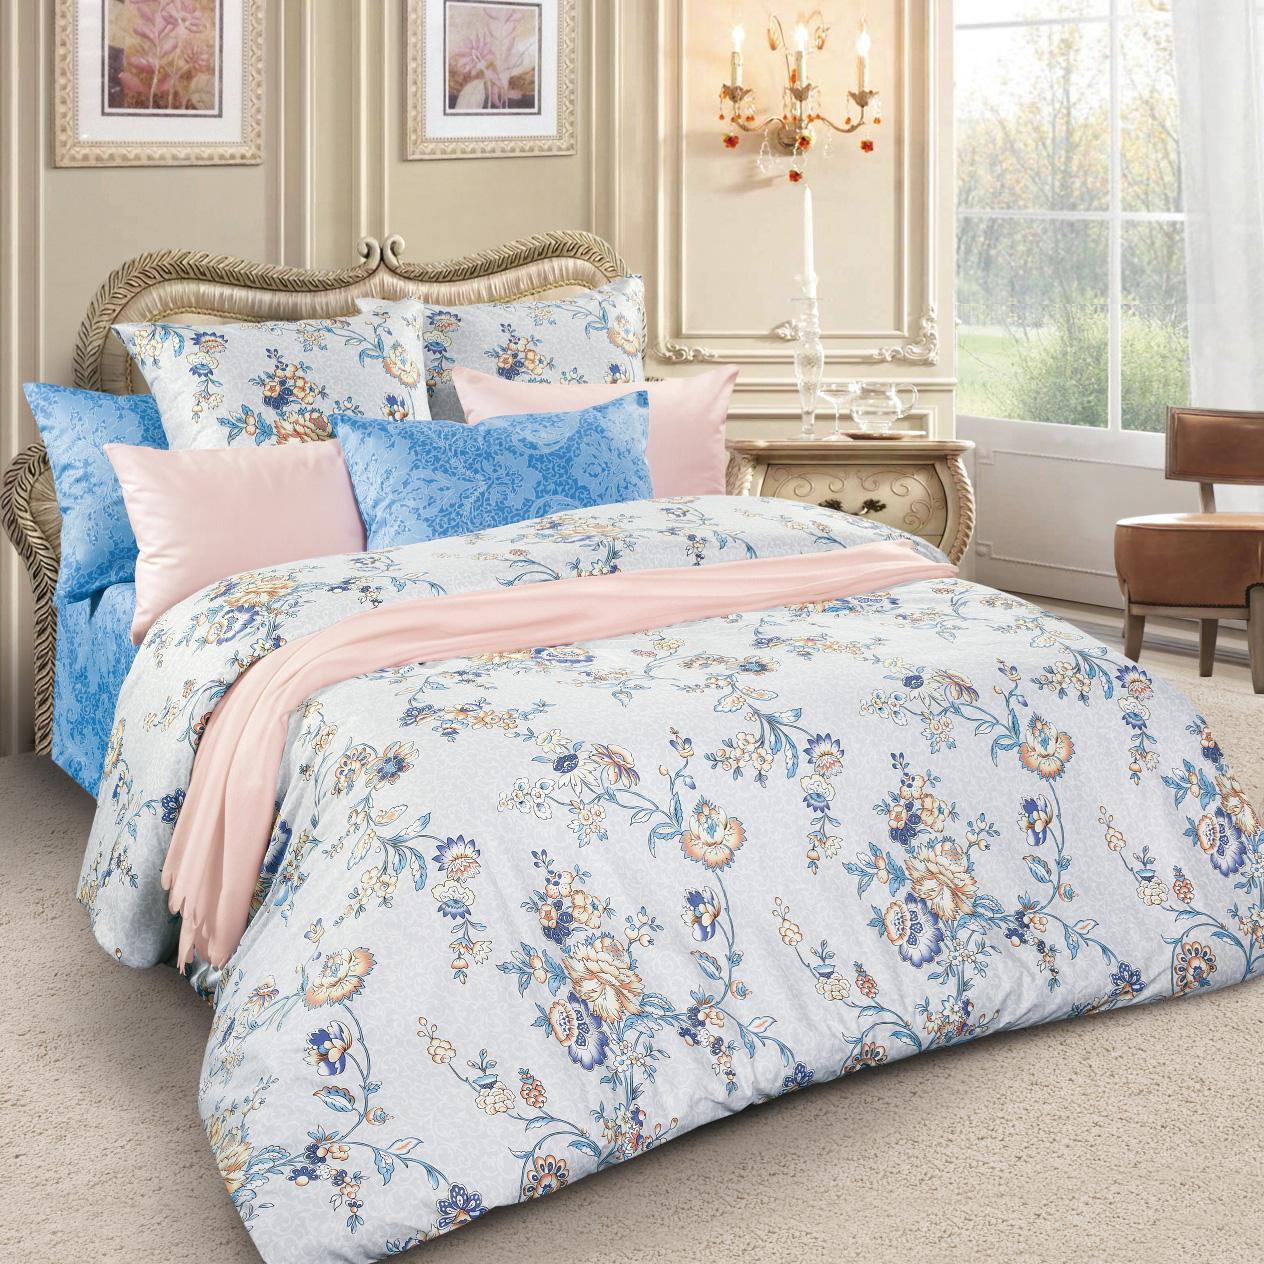 Комплект белья Letto, 1,5-спальный, наволочки 70х70, цвет: серый, голубой. sm62-3sm62-3Спокойная классика в сатиновом исполнении - залог комфорта и гармонии цвета в вашей спальни. Дополните свою спальню актуальным принтом от европейских дизайнеров! Это отличный подарок любителям модных трендов в цвете и дизайне. Комплект выполнен из сатина, который заслужено считается благородной тканью для постельного белья. Сатину свойственна практичность, долговечность, мягкость и изысканный блеск, такая ткань прекрасно впитывает влагу во время сна, комфортна на ощупь и не требует особого ухода. Серия Letto Сатин – это современные дизайны в европейской стилистике, которые прекрасно дополнят Вашу спальню. Обращаем внимание, что наволочки могут отличаться от представленных на фотографии. Также может отличаться и оттенок комплекта из-за разницы в цветопередаче мониторов.